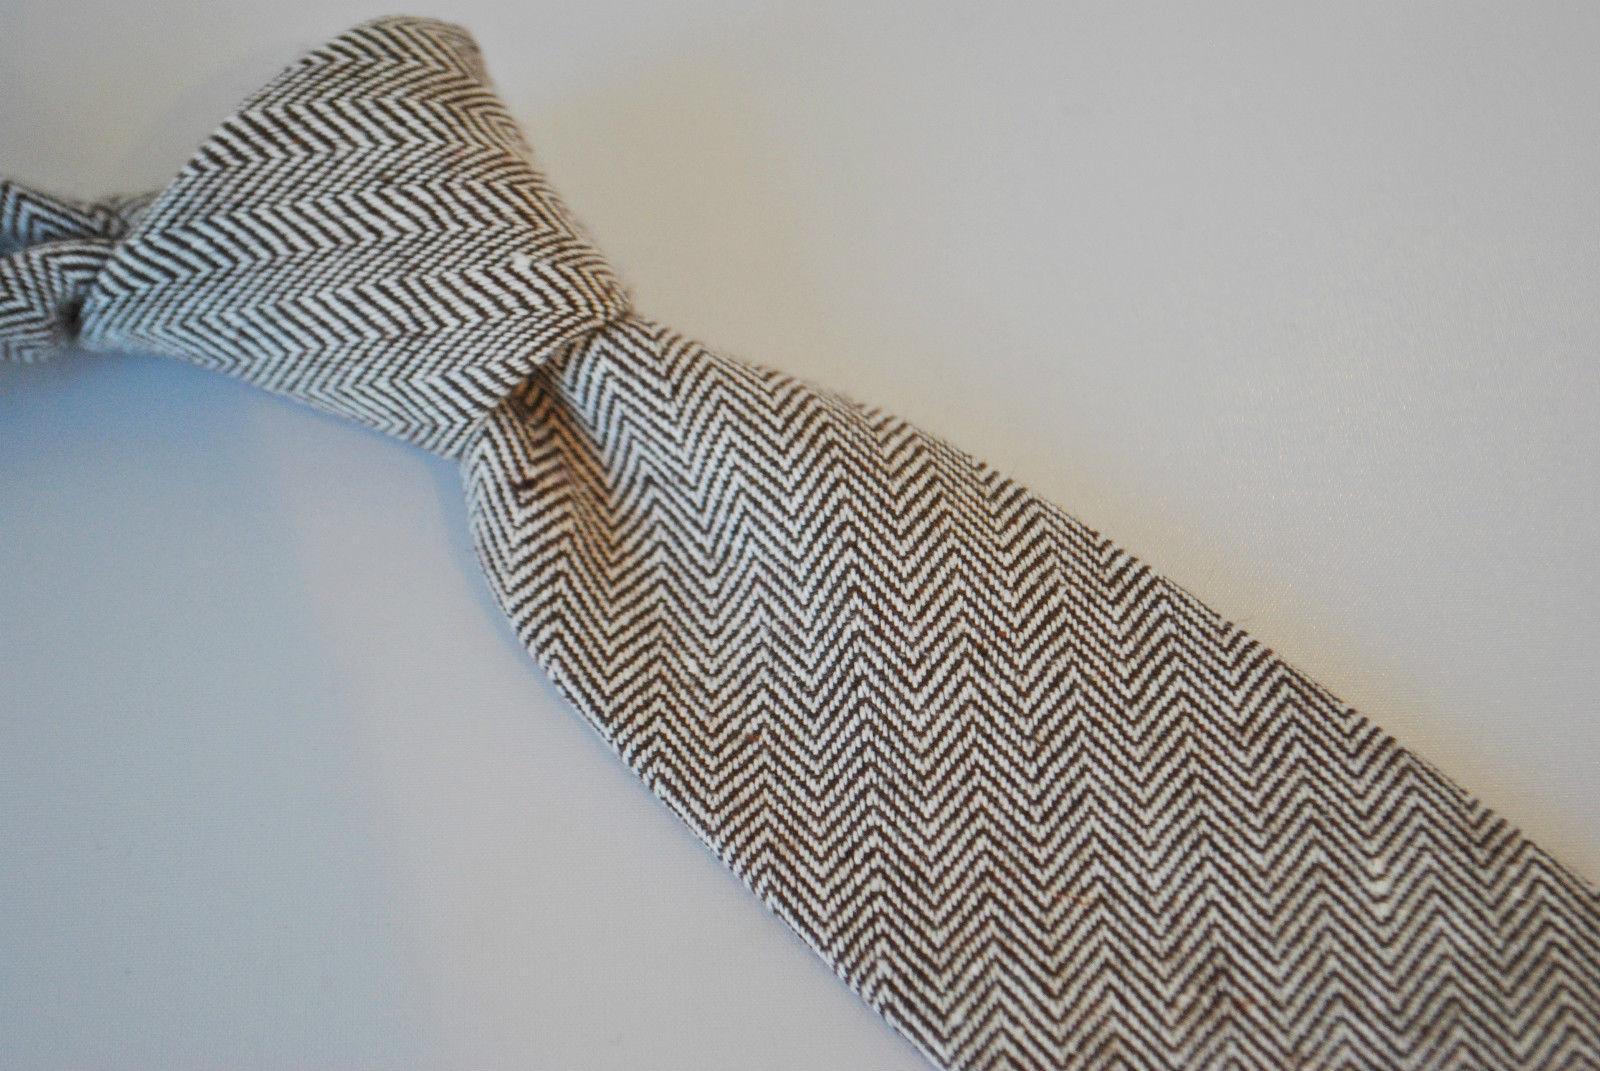 Frederick Thomas skinny mens wool tweed tie in brown herringbone FT2076